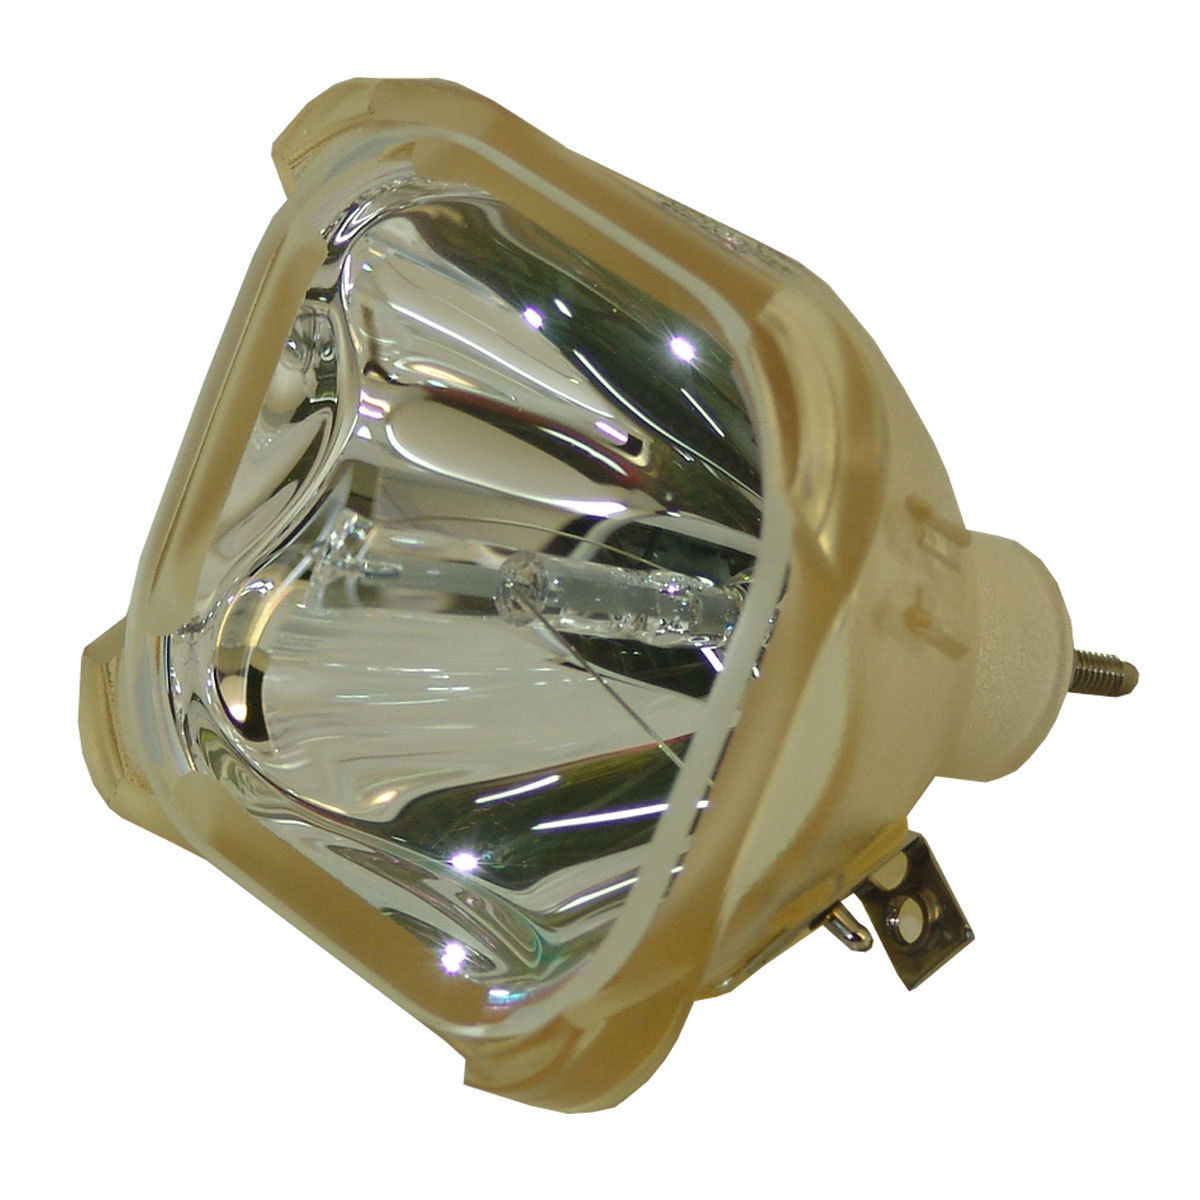 Compatible Bare Bulb LCA3111 for PHILIPS CBRIGHT SV1 SV2 / LC4331 LC4341 LC4345 LC4431 LC4434 LC4441 LC4445 Projector Lamp Bulb pureglare compatible projector lamp for philips cbright xg2